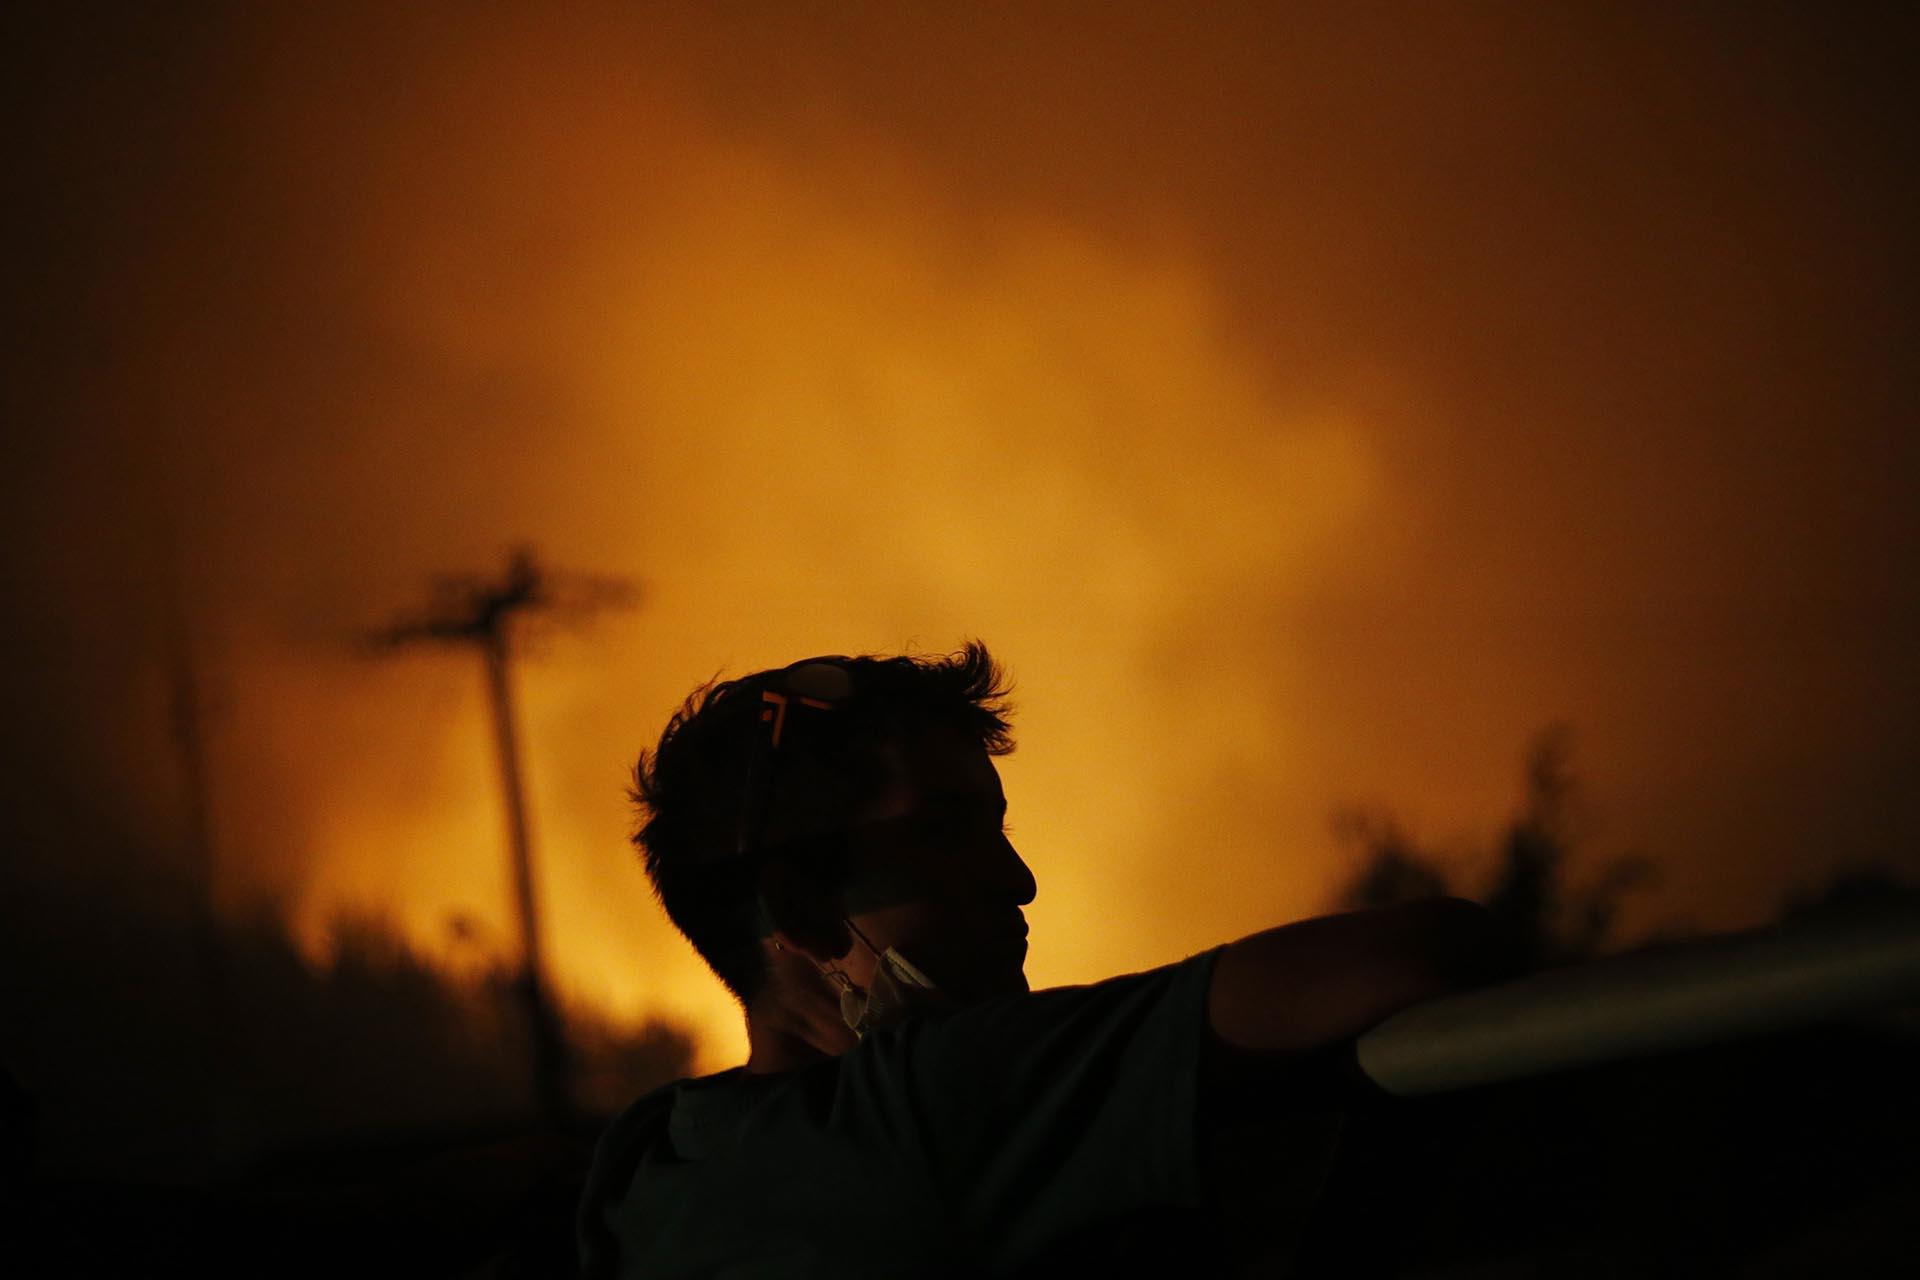 """Las pérdidas económicas que dejará esta catástrofe """"son enormes e incalculables"""", afirmó el ministro de Agricultura, Carlos Furche"""